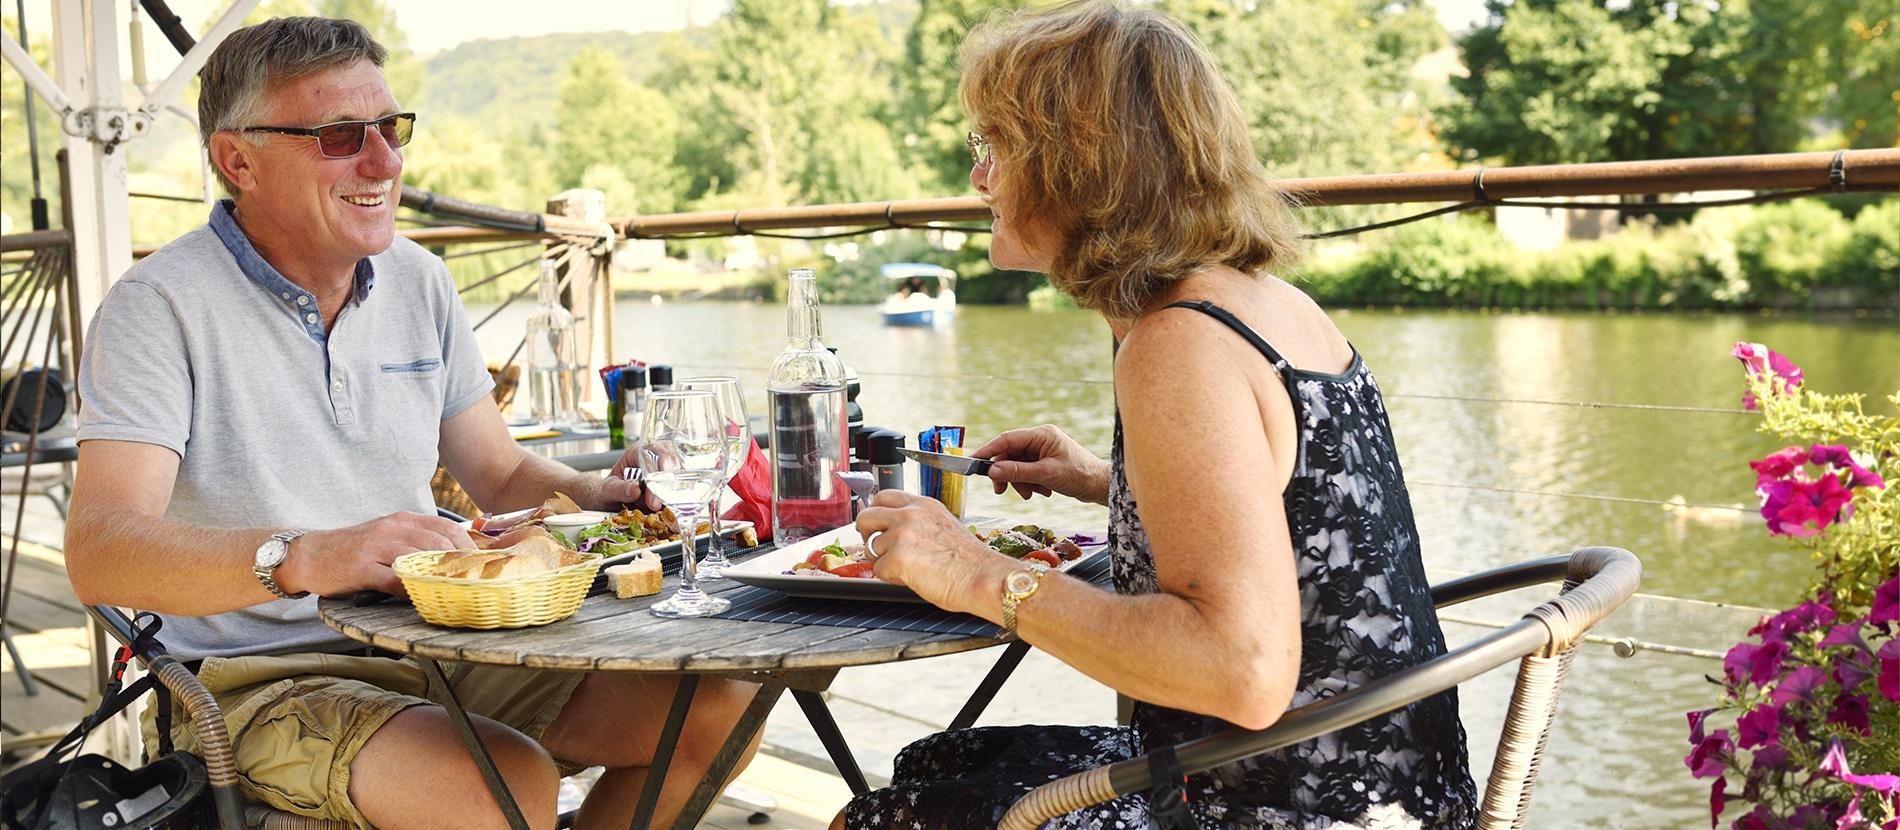 Déjeuner en couple à Clécy dans le Calvados en Normandie